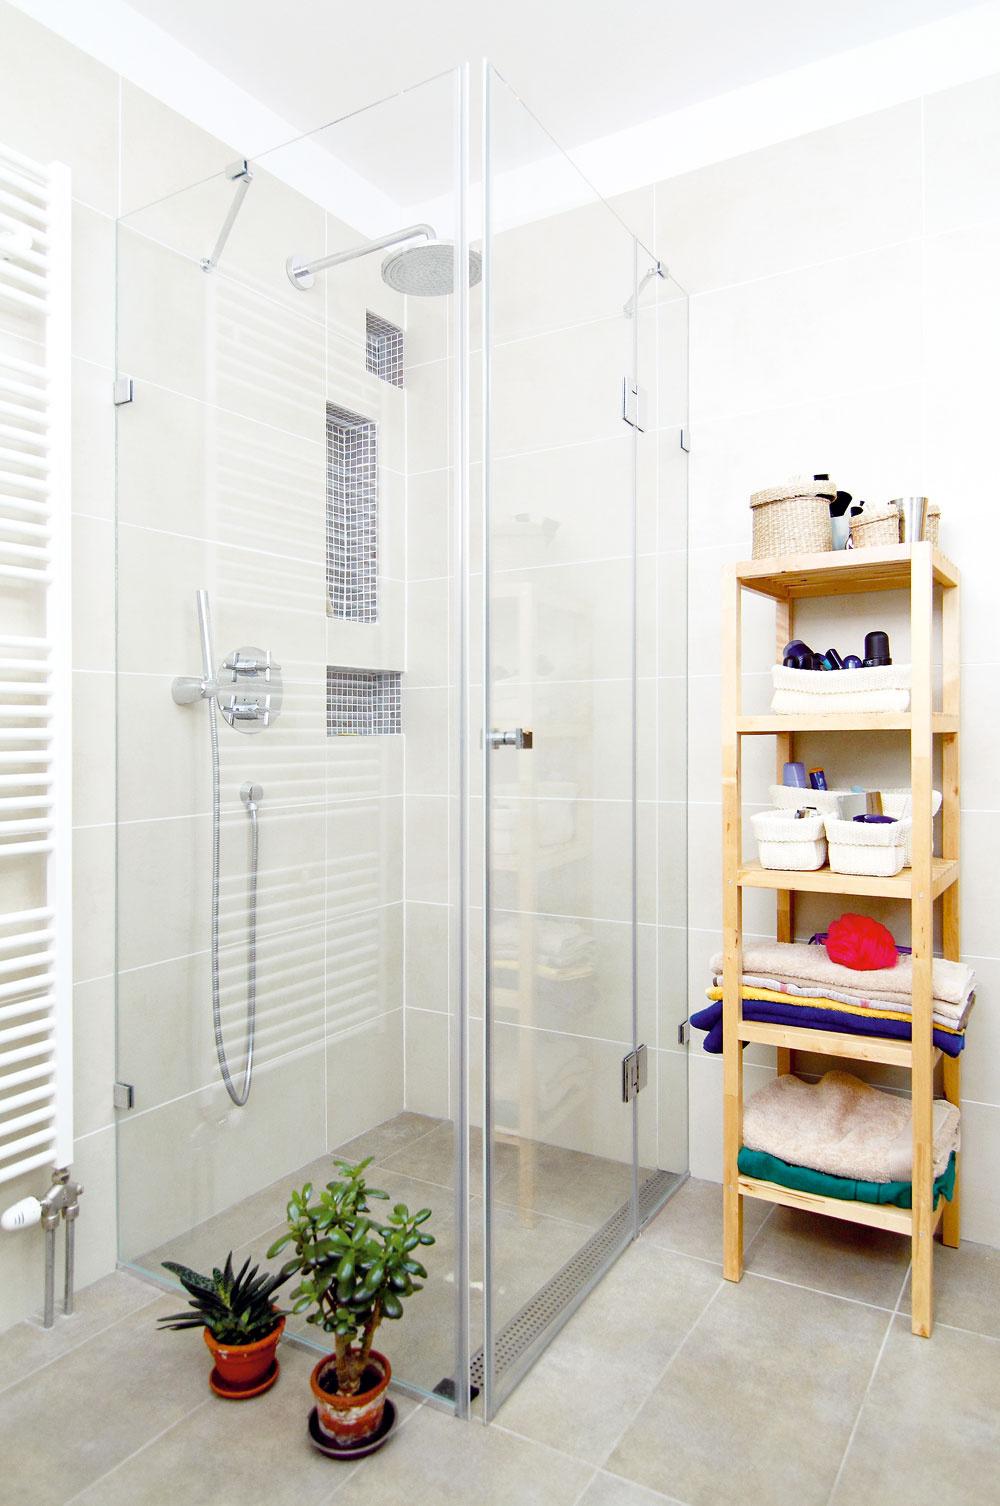 Pre investorov bolo dôležité mať vkúpeľni okrem vane aj priestranný sprchovací kút –dostatok miesta sa naň získalo zmenou dispozície. Keďže im však neplánované výdavky urobili škrt cez plánovaný rozpočet, jeho realizácia sa odložila takmer orok. Vrámci rekonštrukcie sa ale na montáž sprchovacieho kúta všetko pripravilo.